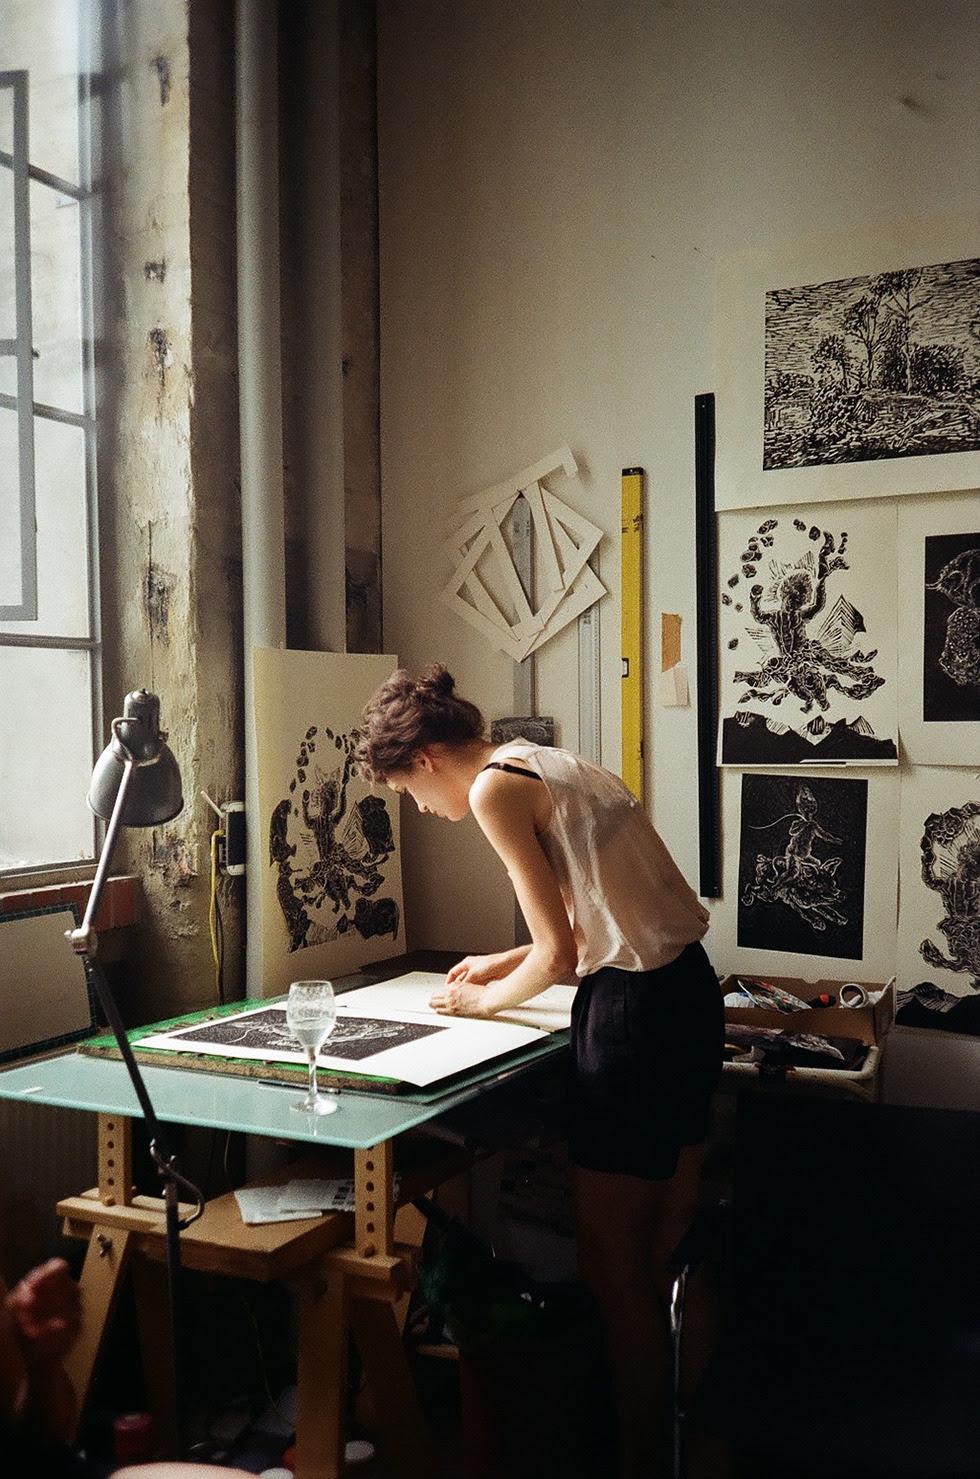 marlenmueller:  ULRIKE THEUSNER IN HER STUDIO IN LEIPZIG. JUNE 2014